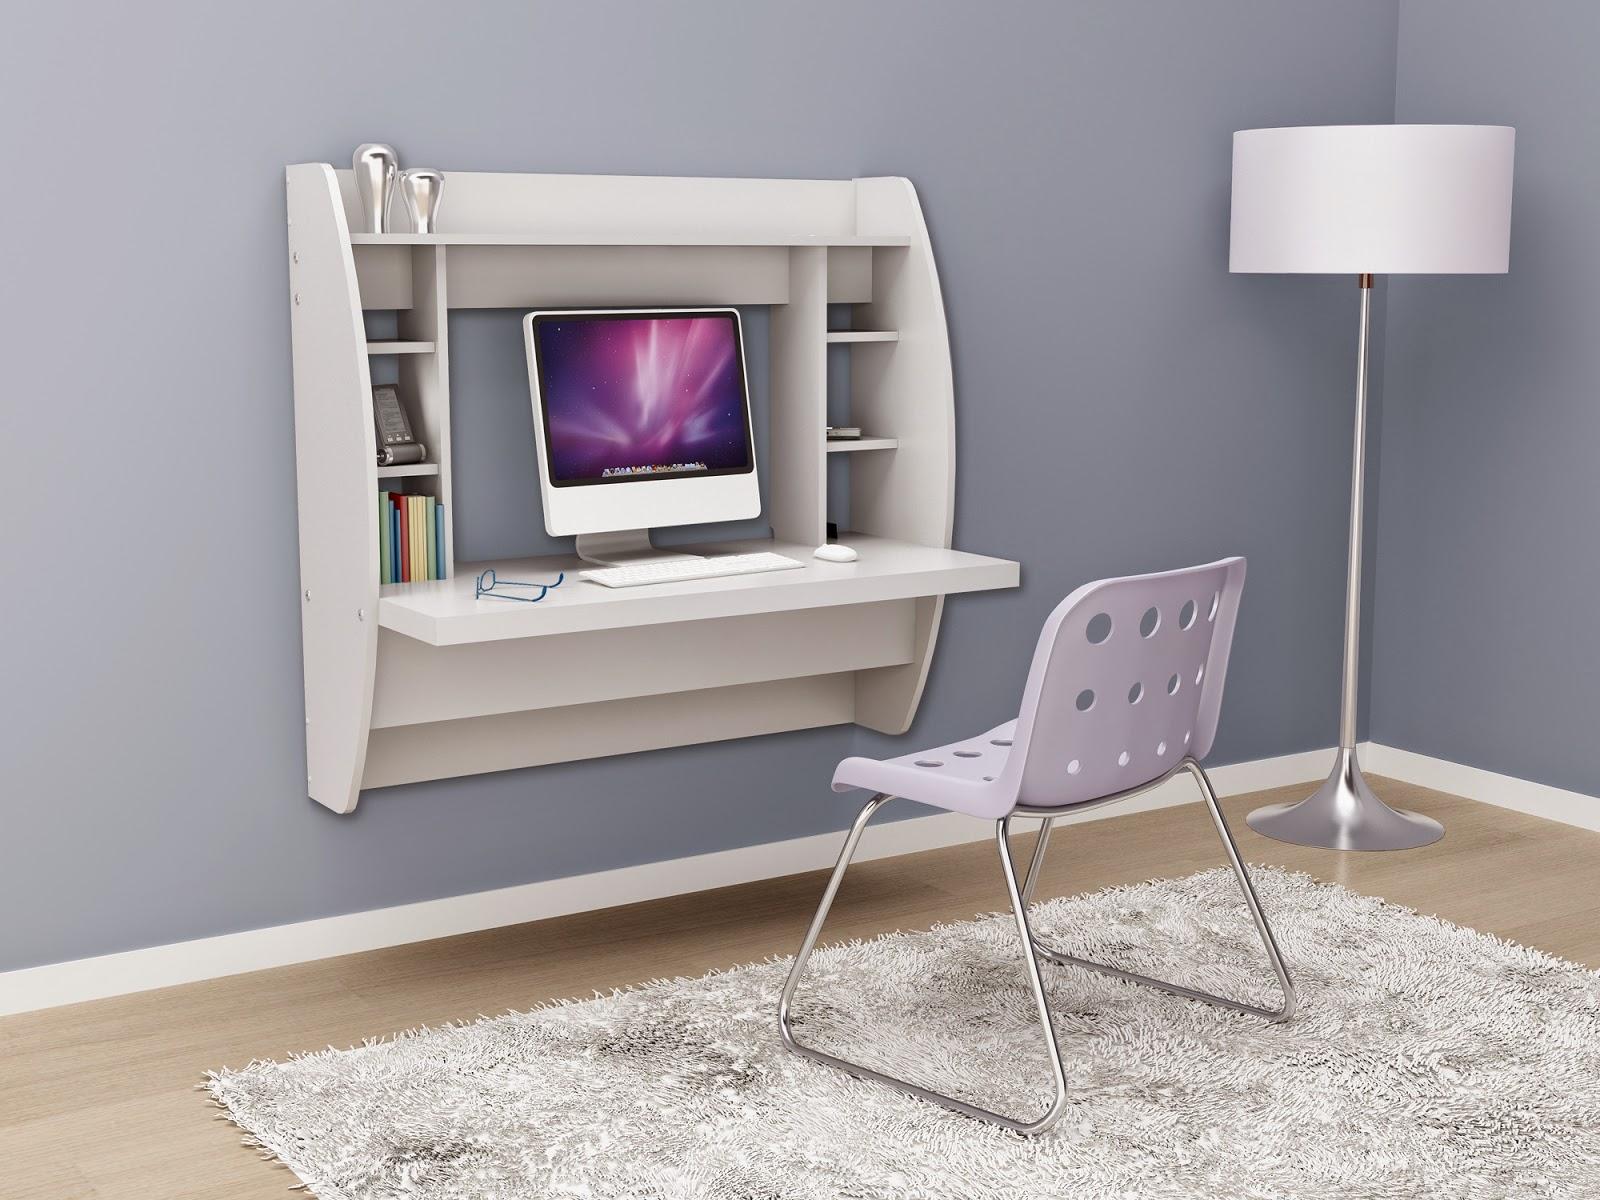 inspirasi desain kamar kost ukuran kecil